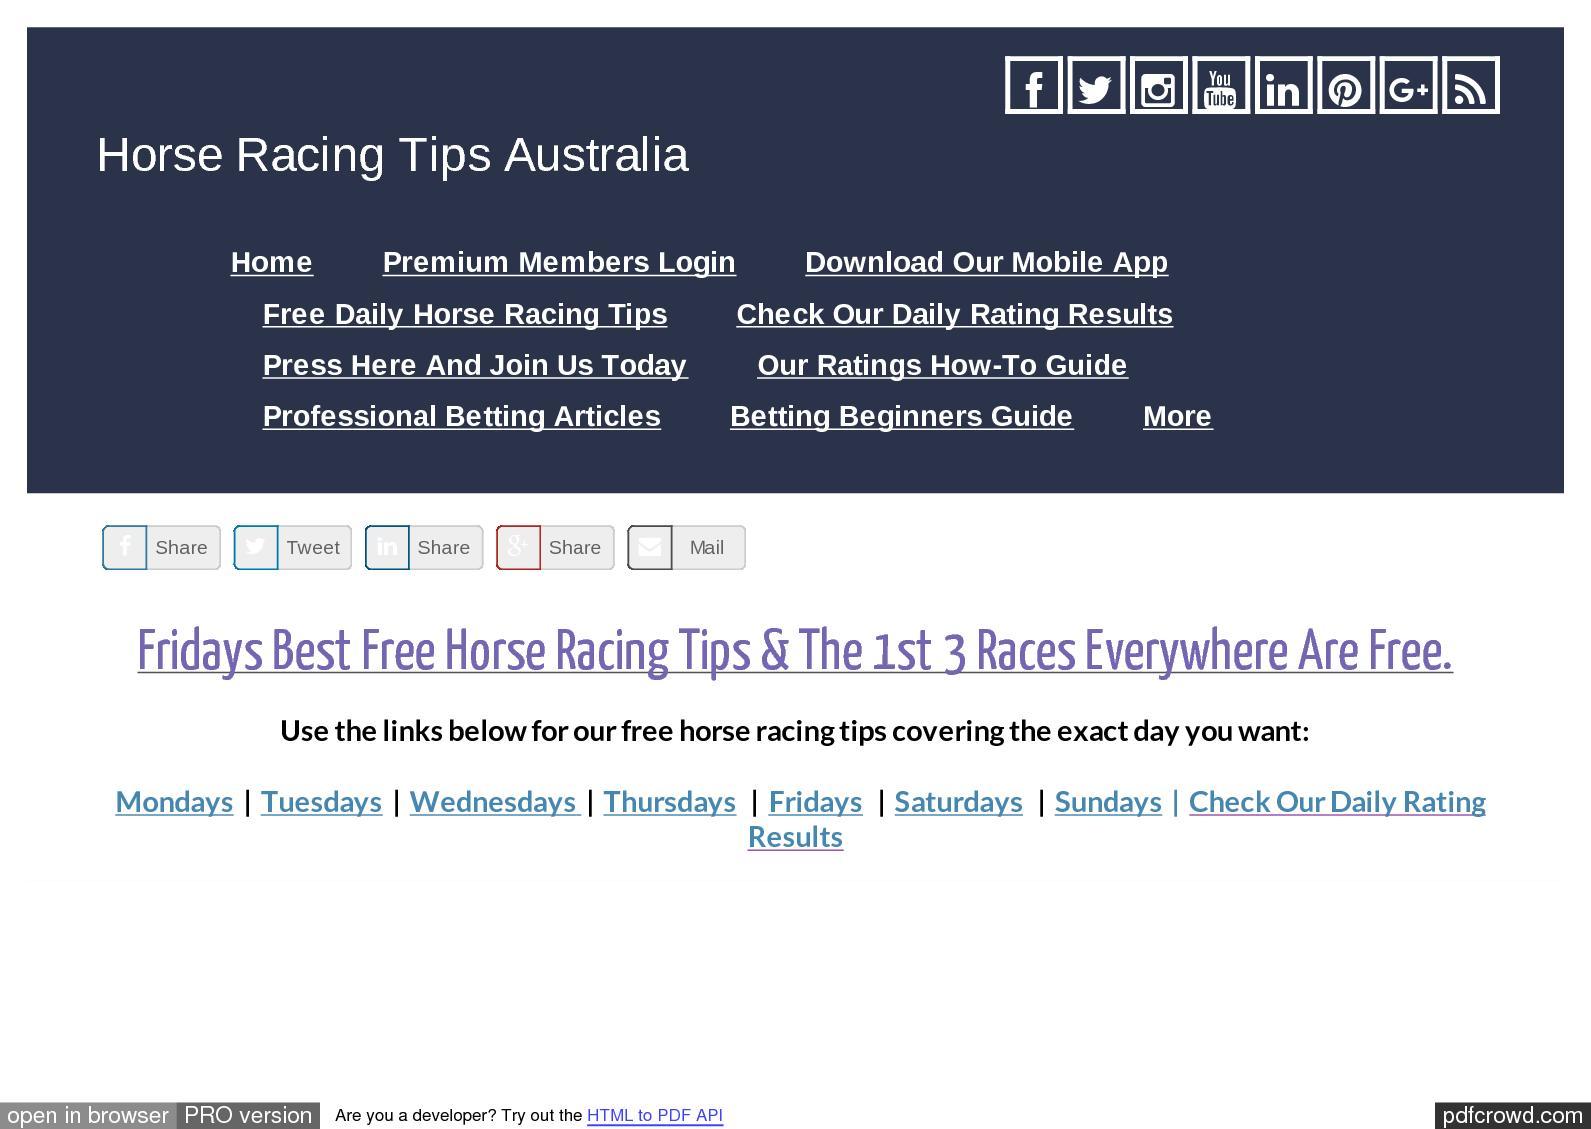 Calaméo - Fridays September 29th Free Horse Racing Tips